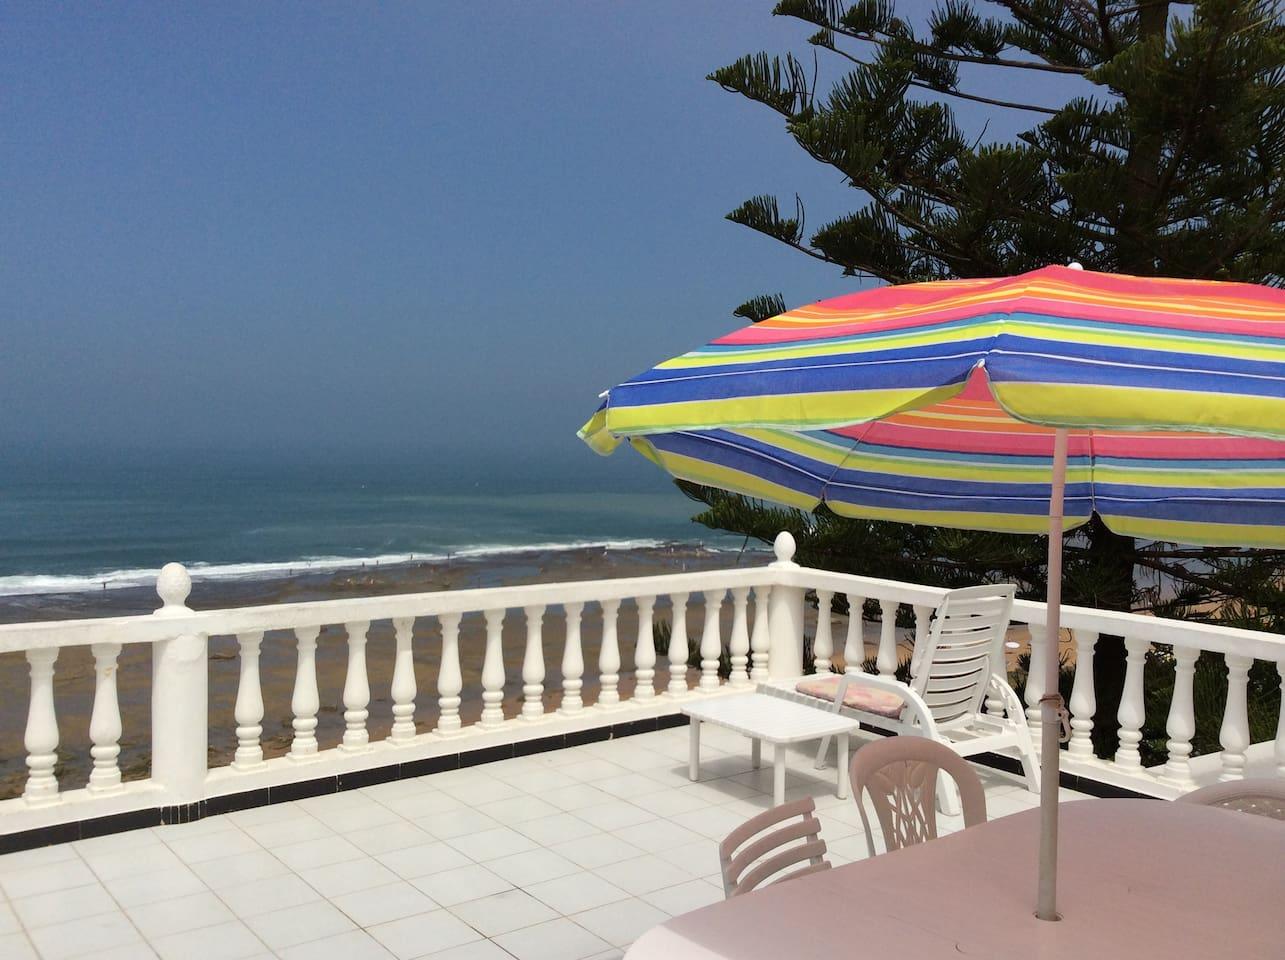 terrasse avec chaise longue et parasol pour profiter du soleil et de la mer